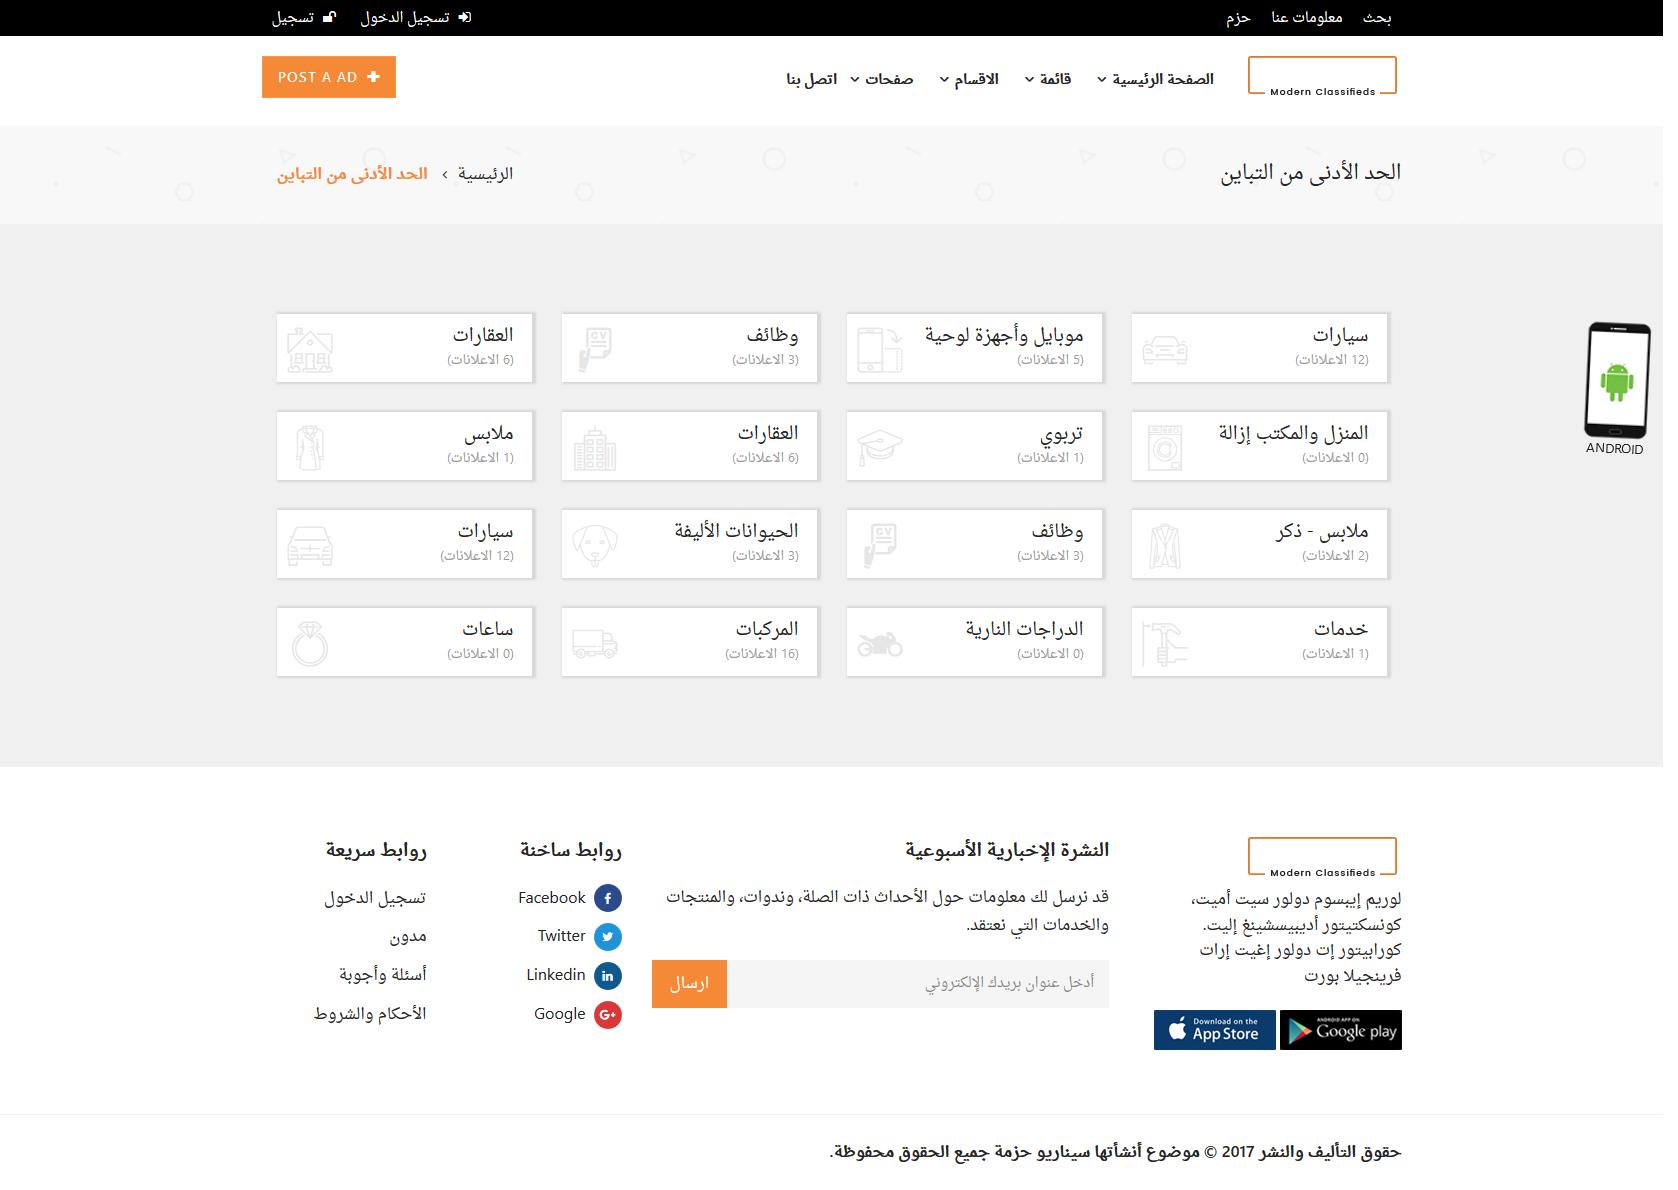 558cd2f04 تصميم برنامج موقع سوق تسوق تسويق اعلانات مبوبة - صفحة تصنيفات أقسام الموقع  فئة الحد الأدنى